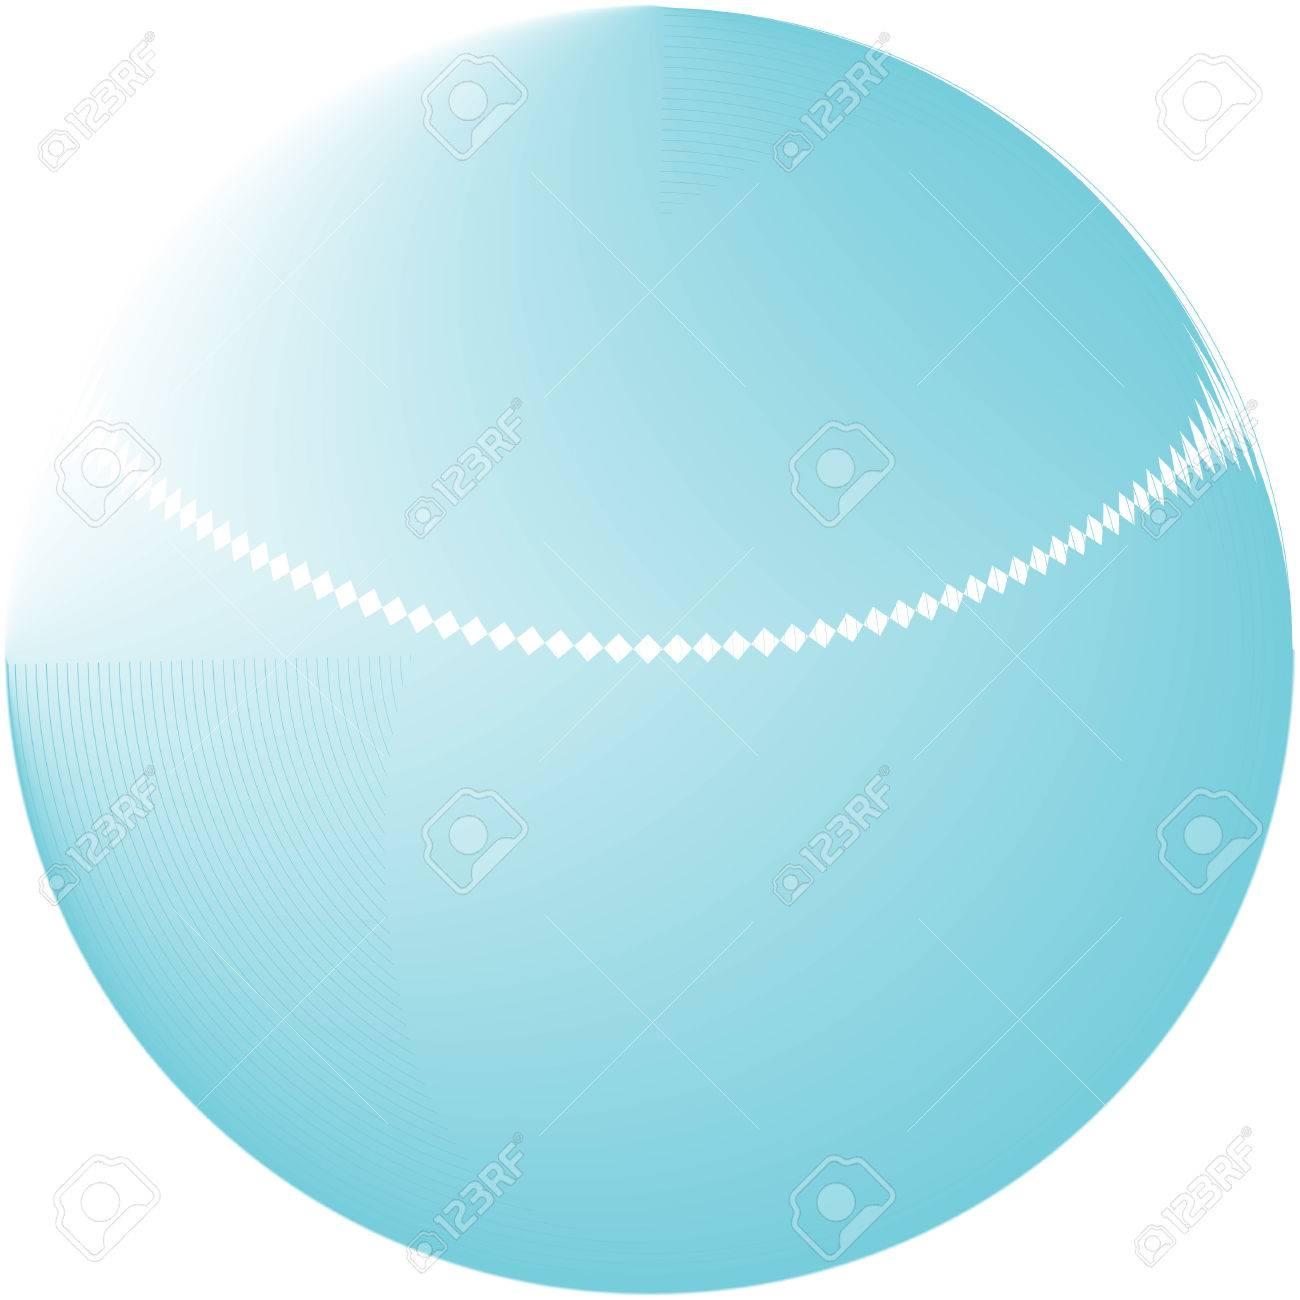 Abstract blue globe logo Stock Vector - 3550439